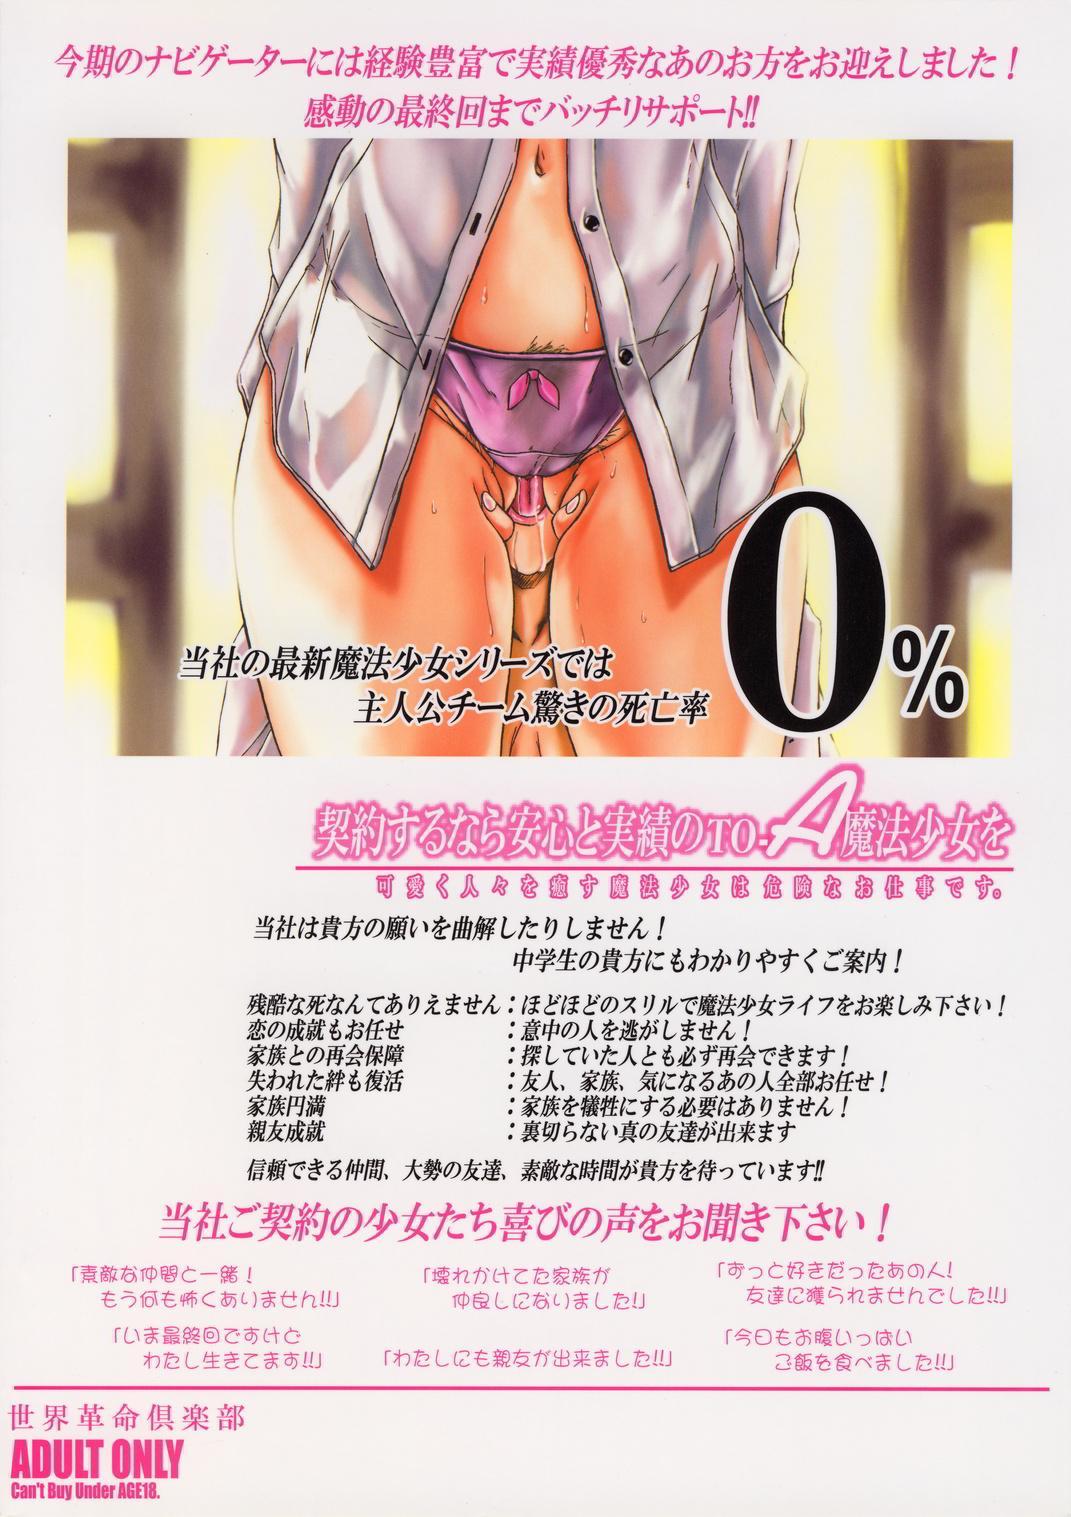 Keiyakusuru nara Anshin to Jisseki no TO-A Mahou Shoujo wo 33